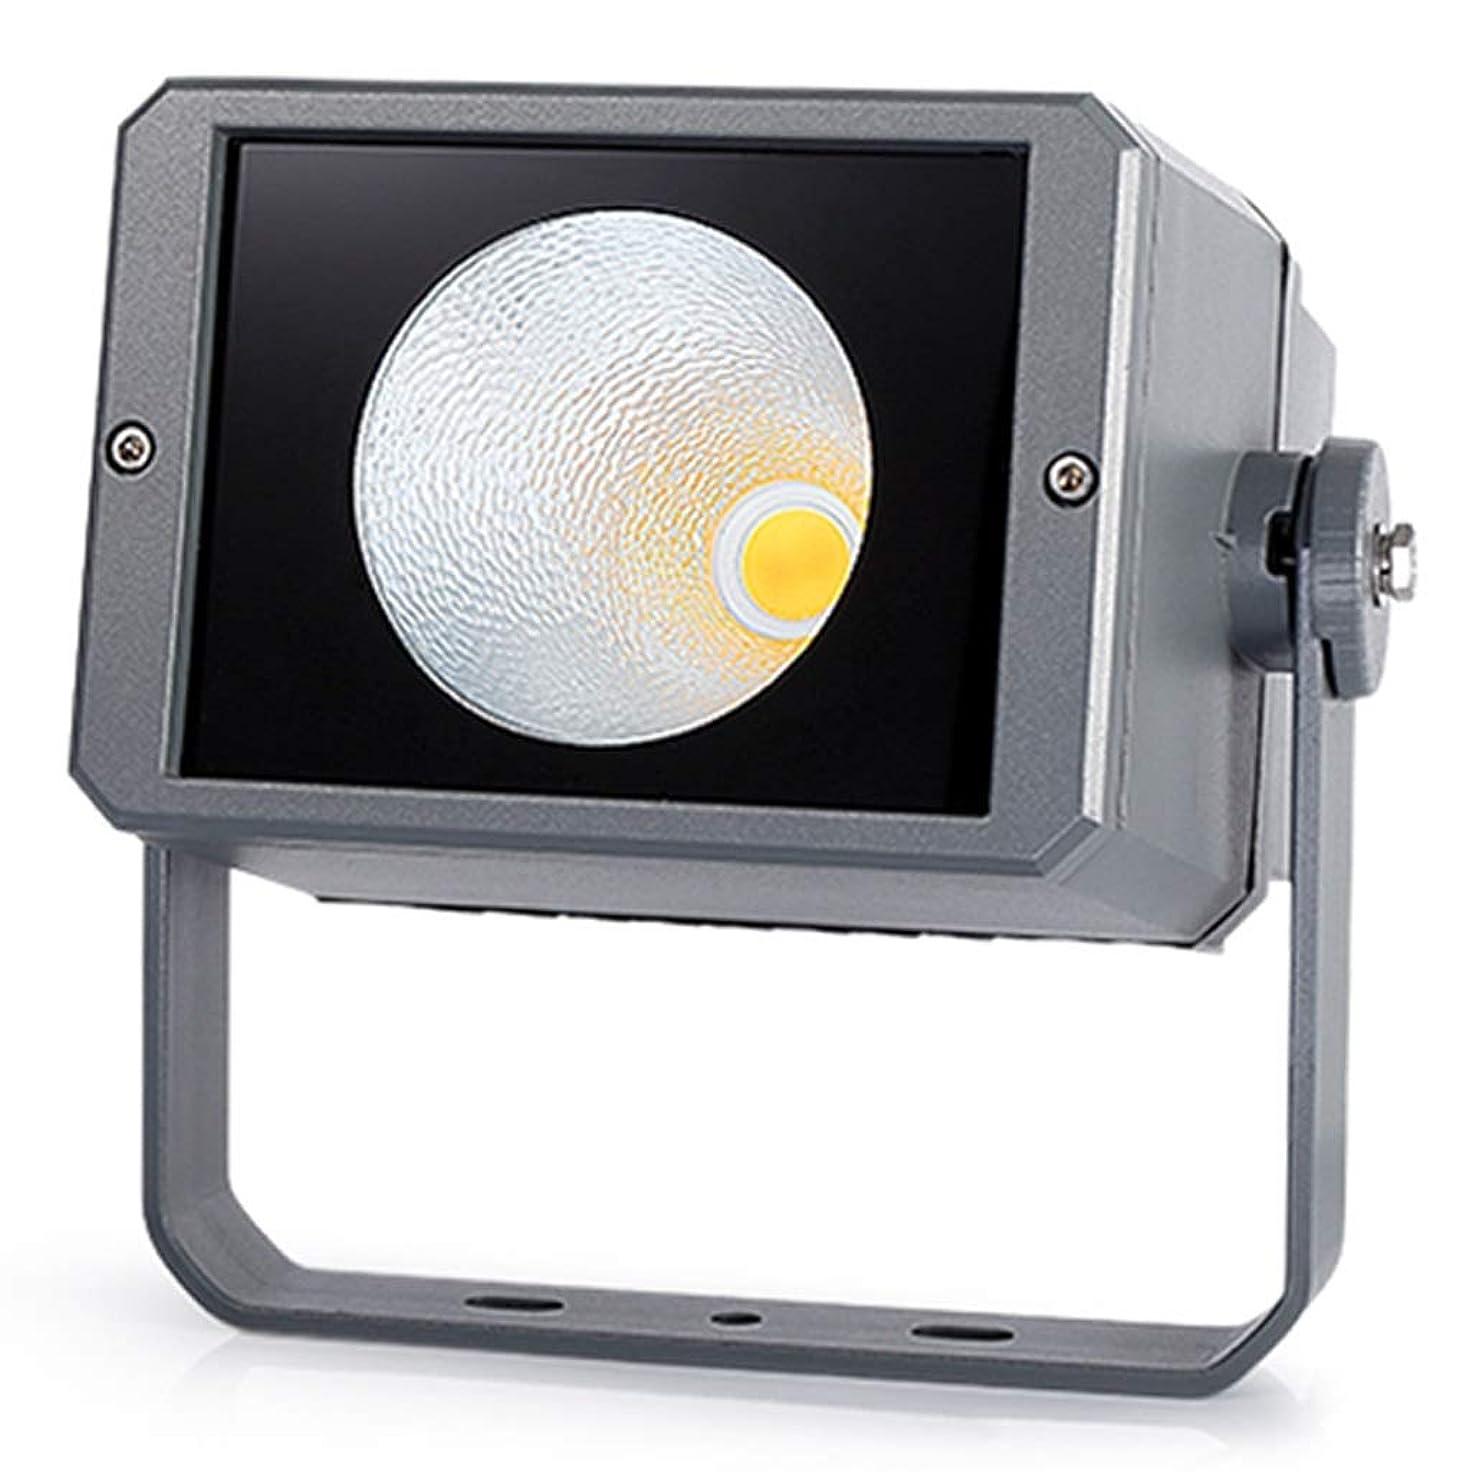 深遠非アクティブ絶え間ないLEDプロジェクトフラッドライト、専用屋外の安全防水投光器スポットライト緑化防錆高速熱放散 (Color : Warm light, Size : 30W)